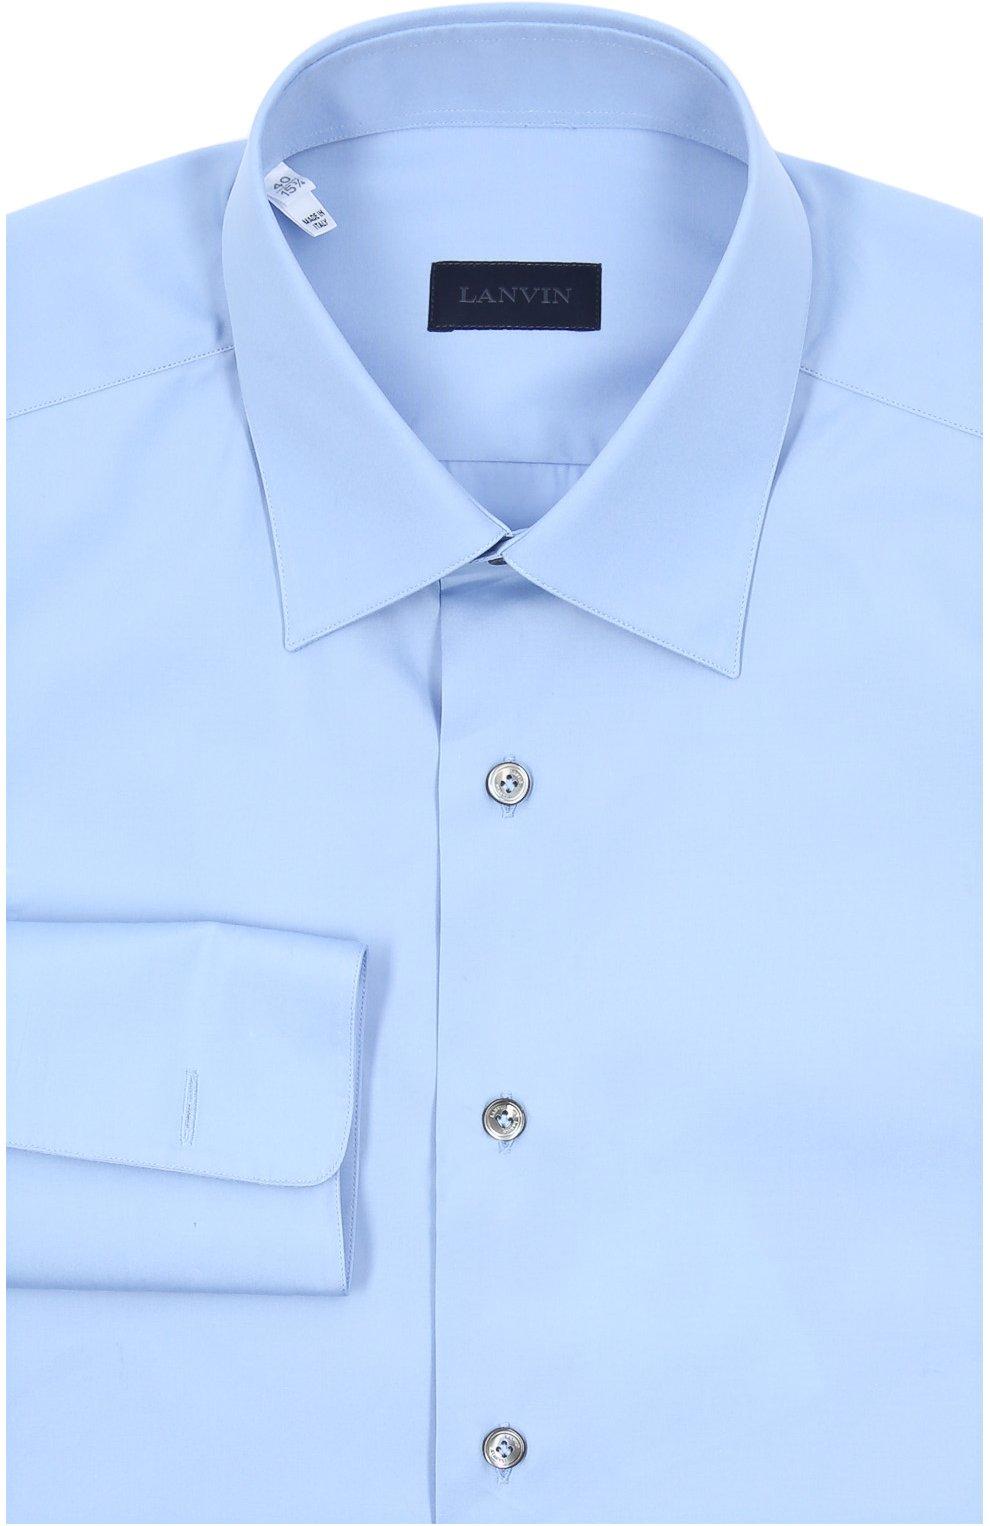 4f3f26ad608 Мужская одежда Lanvin по цене от 15 400 руб. купить в интернет-магазине ЦУМ